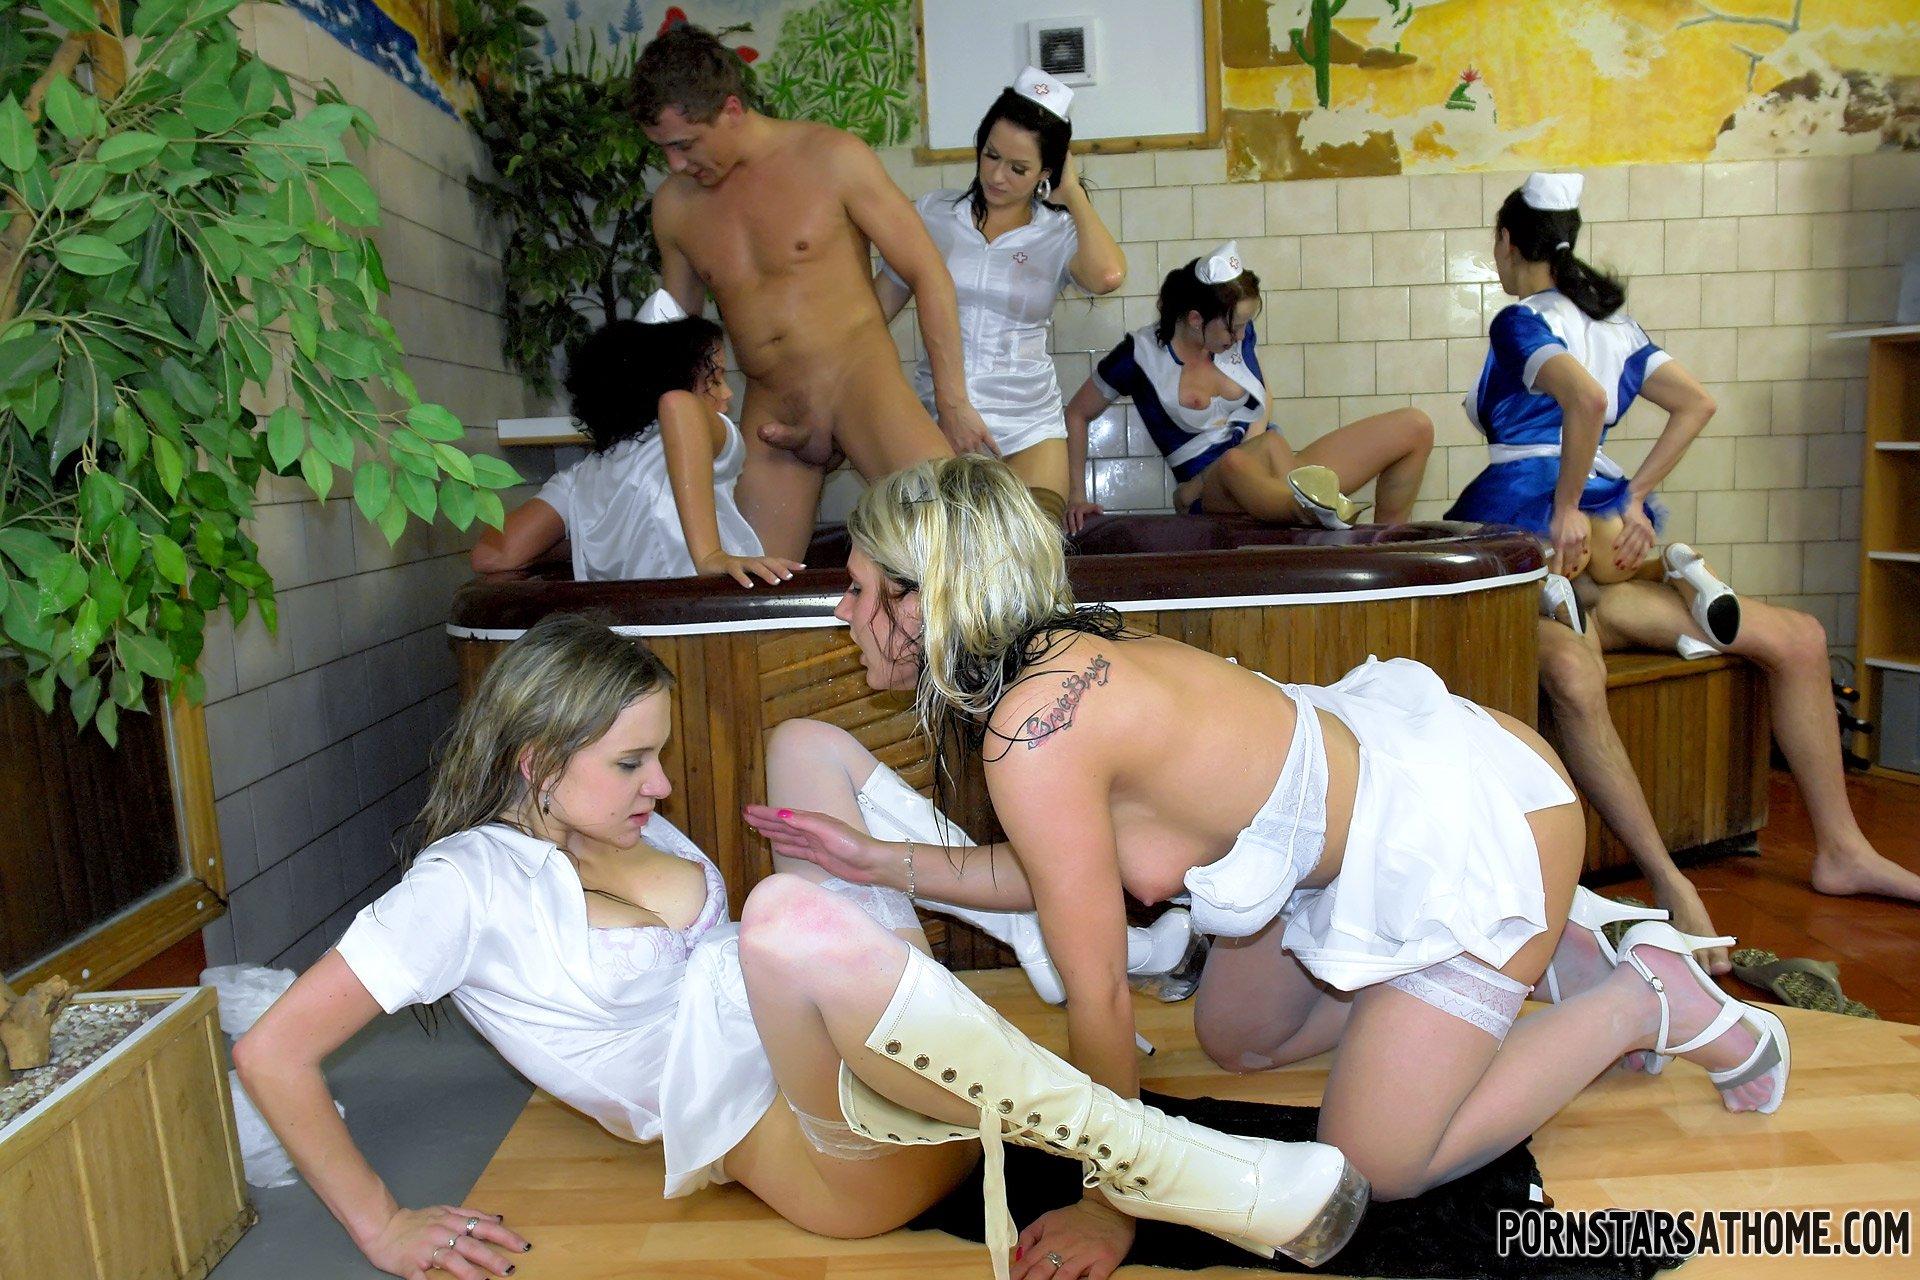 Смотреть сэкс в санаториях, Смотреть онлайн: Санаторий (с русским переводом) 14 фотография